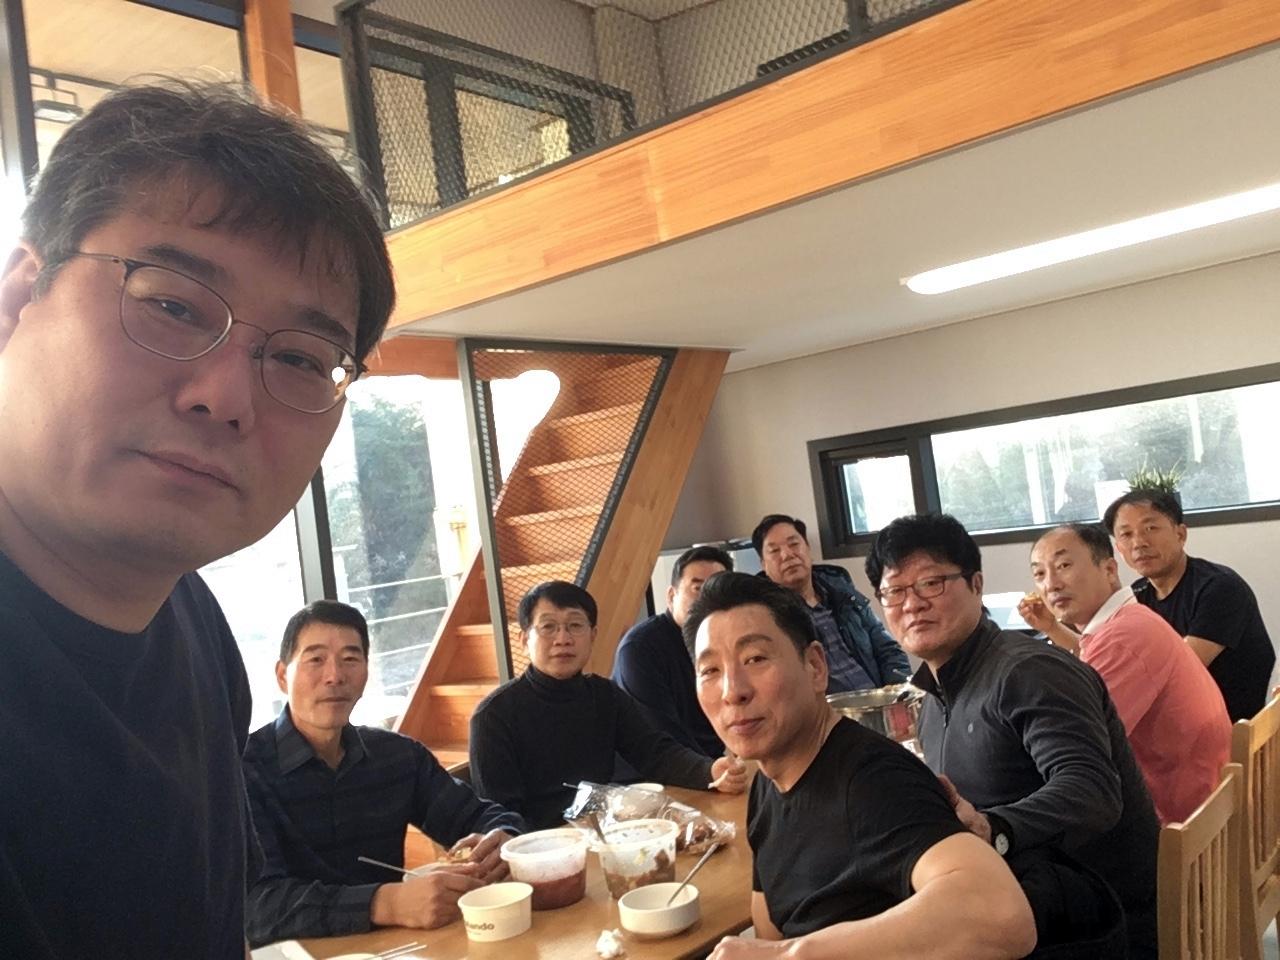 2019다운교회정책당회 (7).jpg